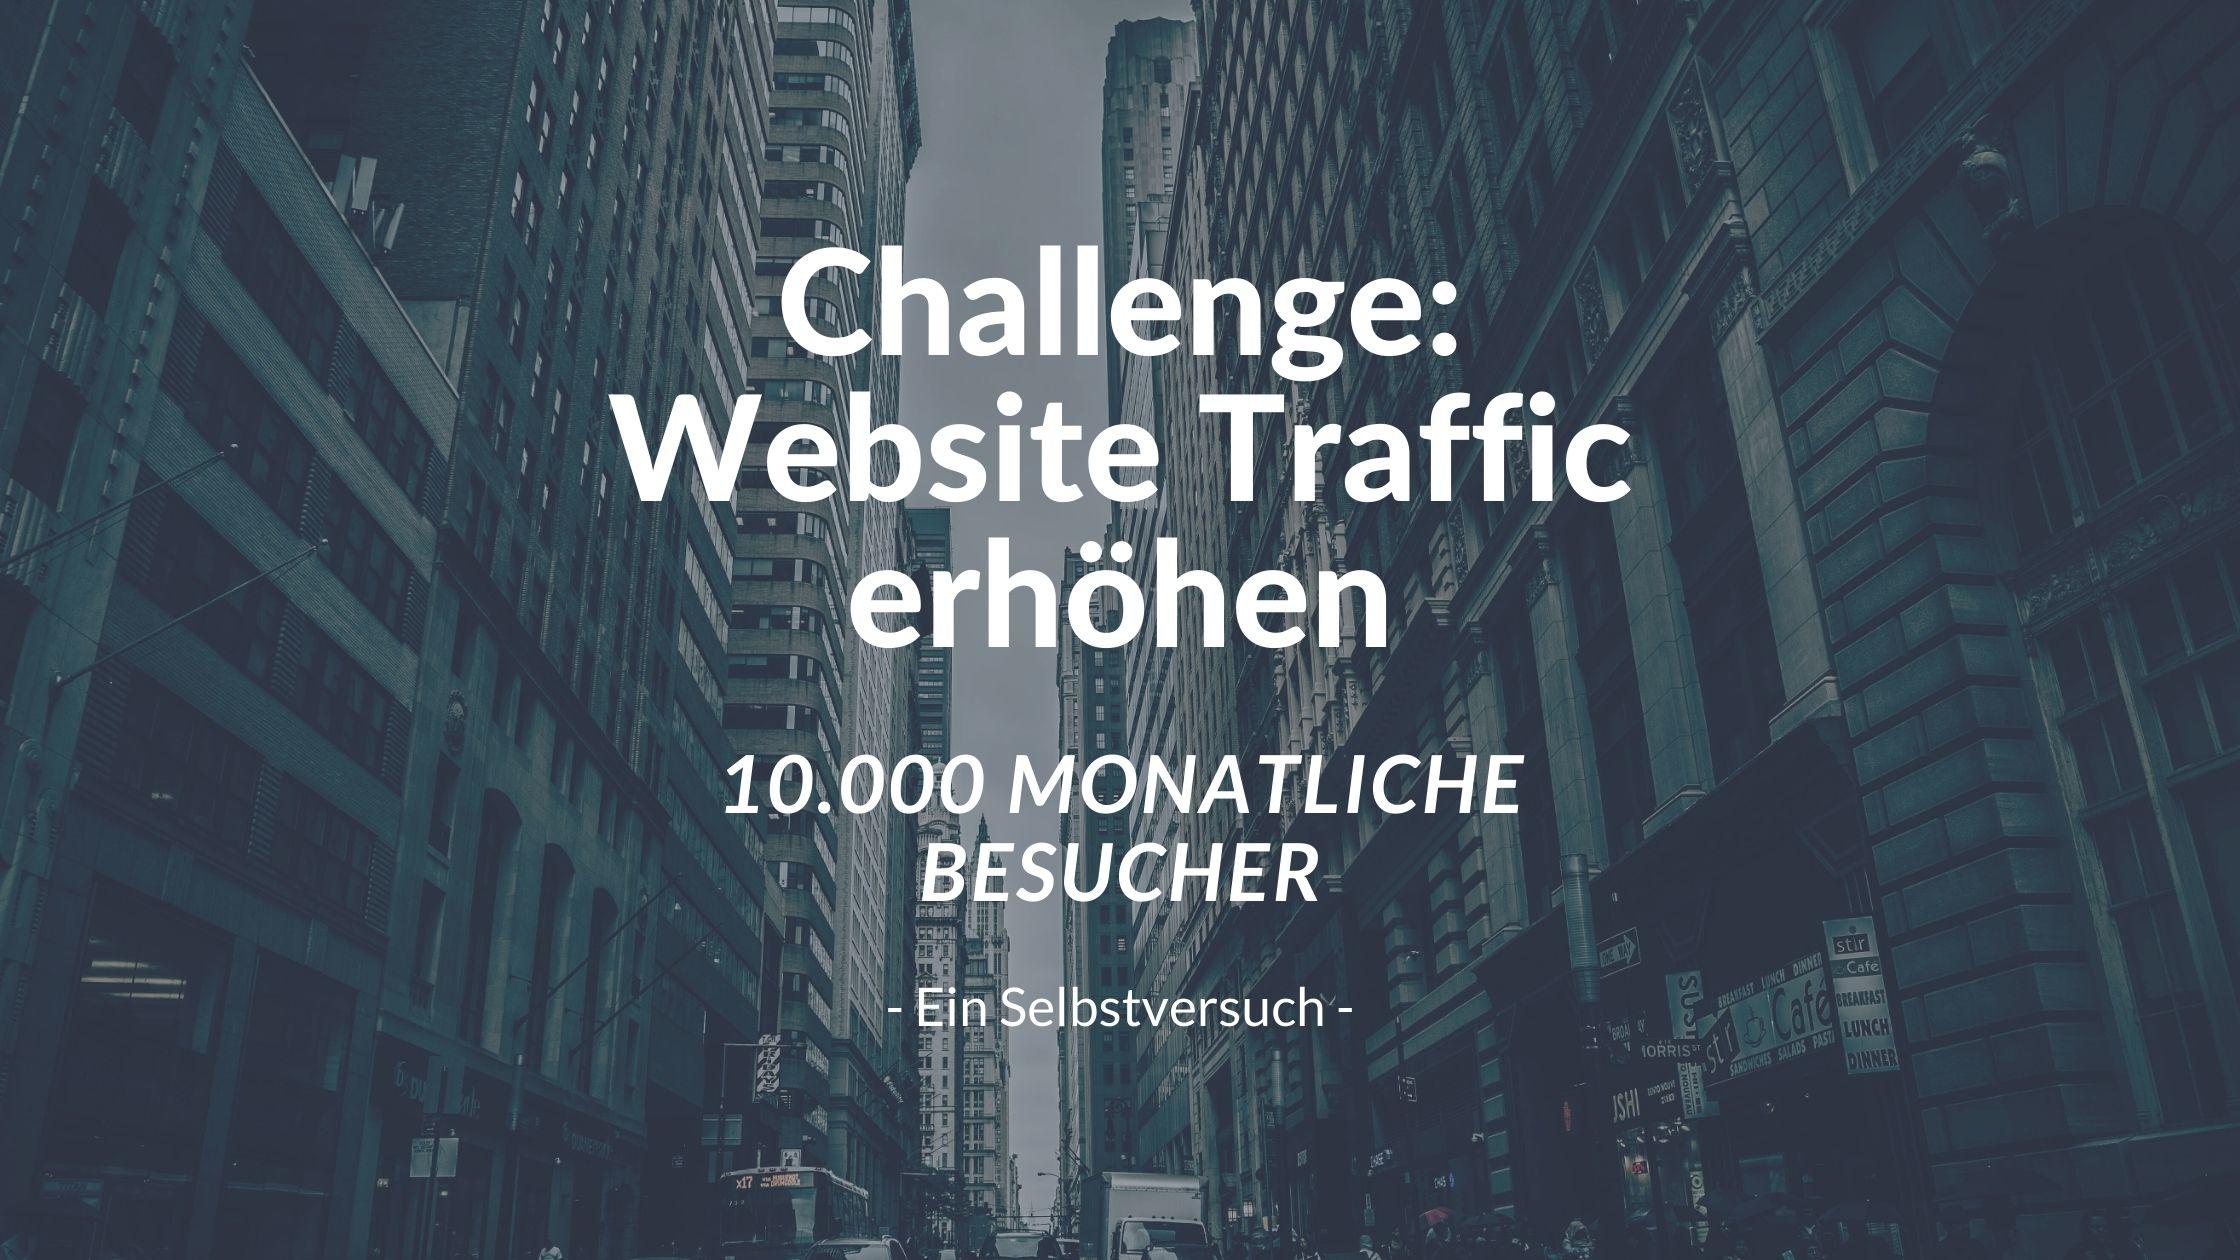 challenge-website-traffic-erhoehen-selbstversuch